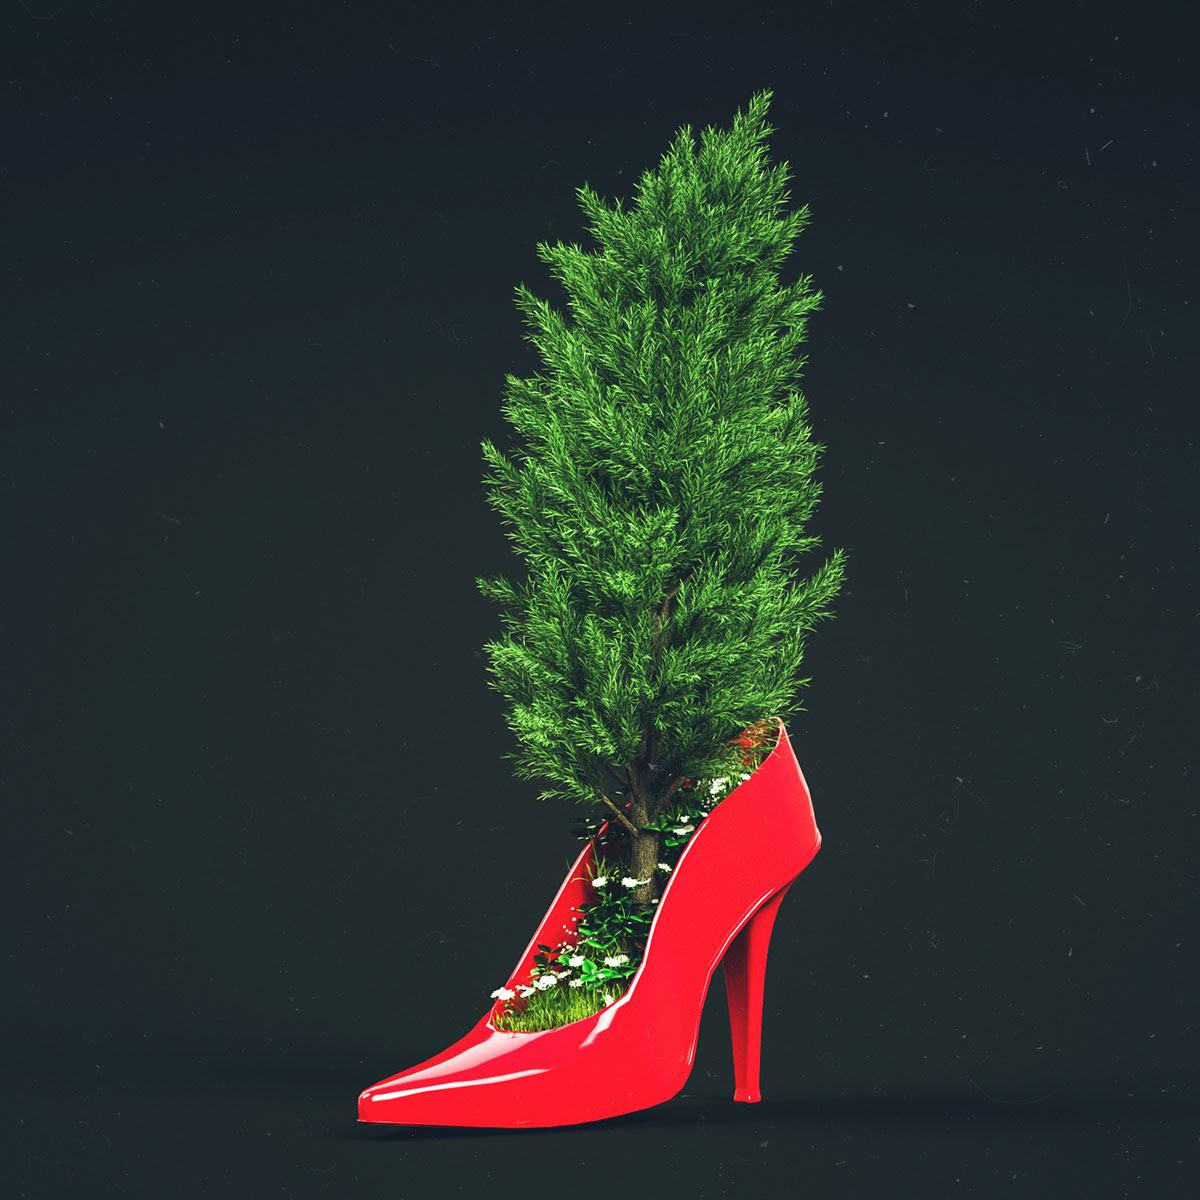 bomba de vermelho com uma árvore que cresce nele